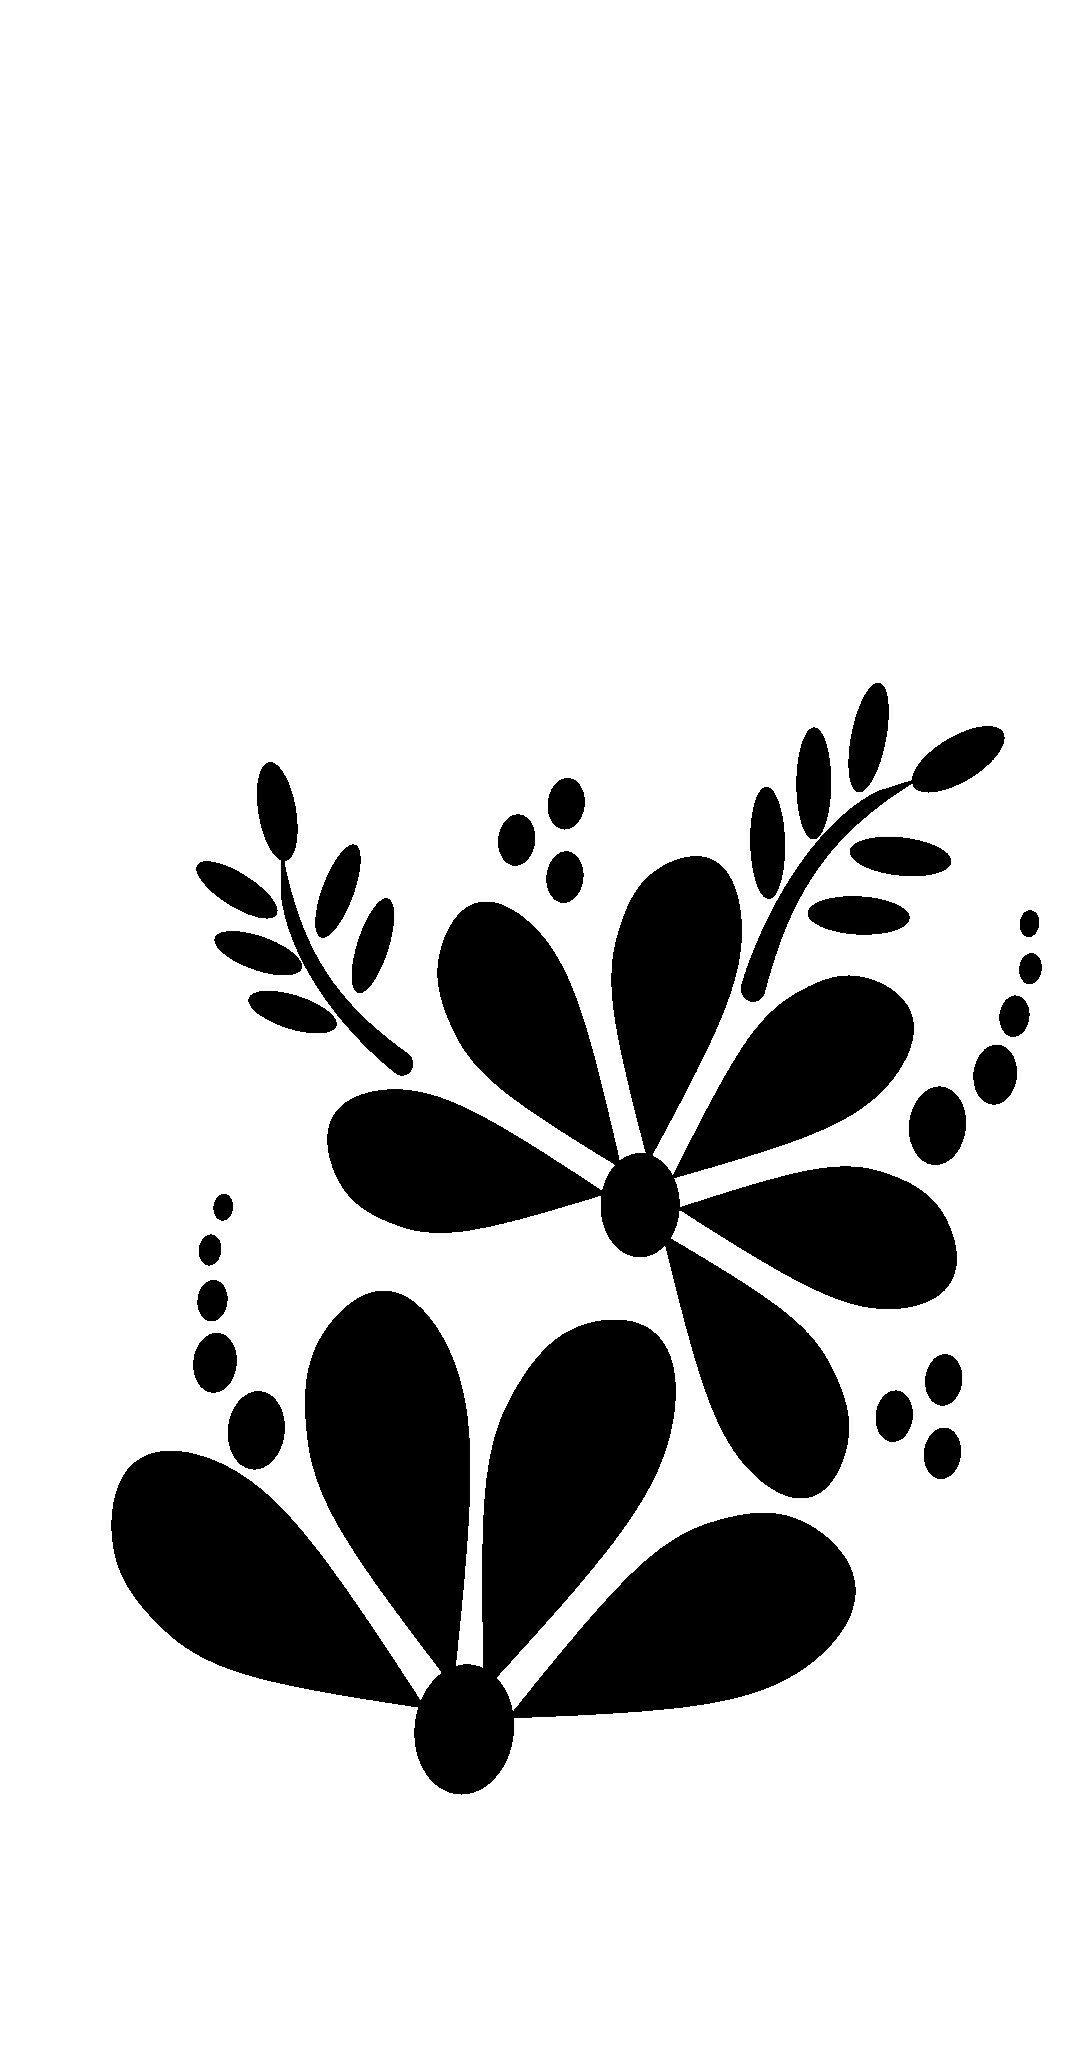 Pin von Beatriz Petit auf fondos | Pinterest | Blumen